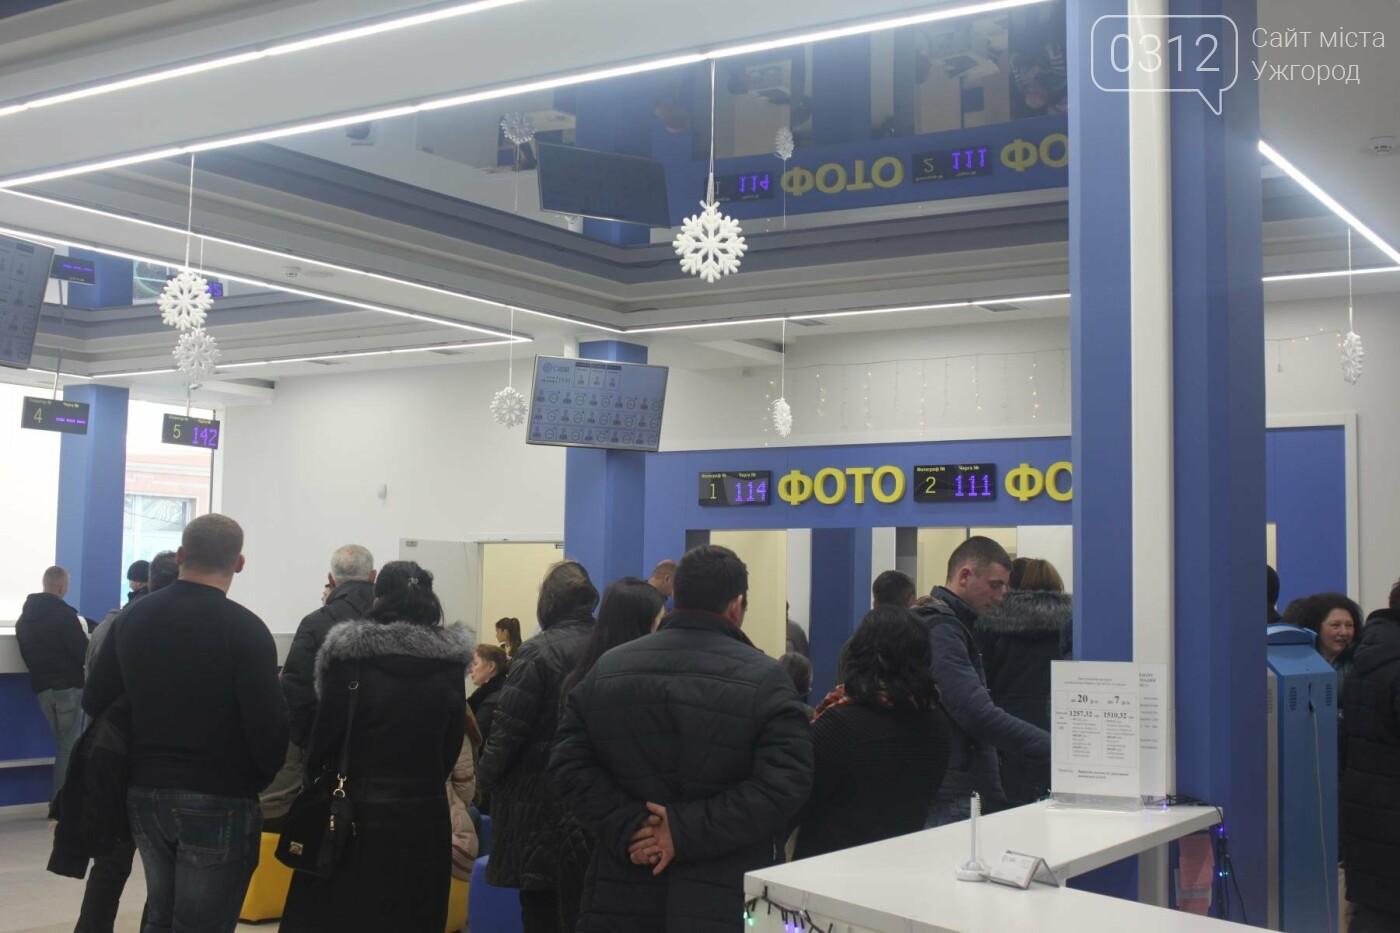 """В Ужгороді """"терміновий"""" закордонний паспорт досі виготовляють за 1,5-2 місяці, звичайний - за 3-4 (РЕПОРТАЖ), фото-4"""